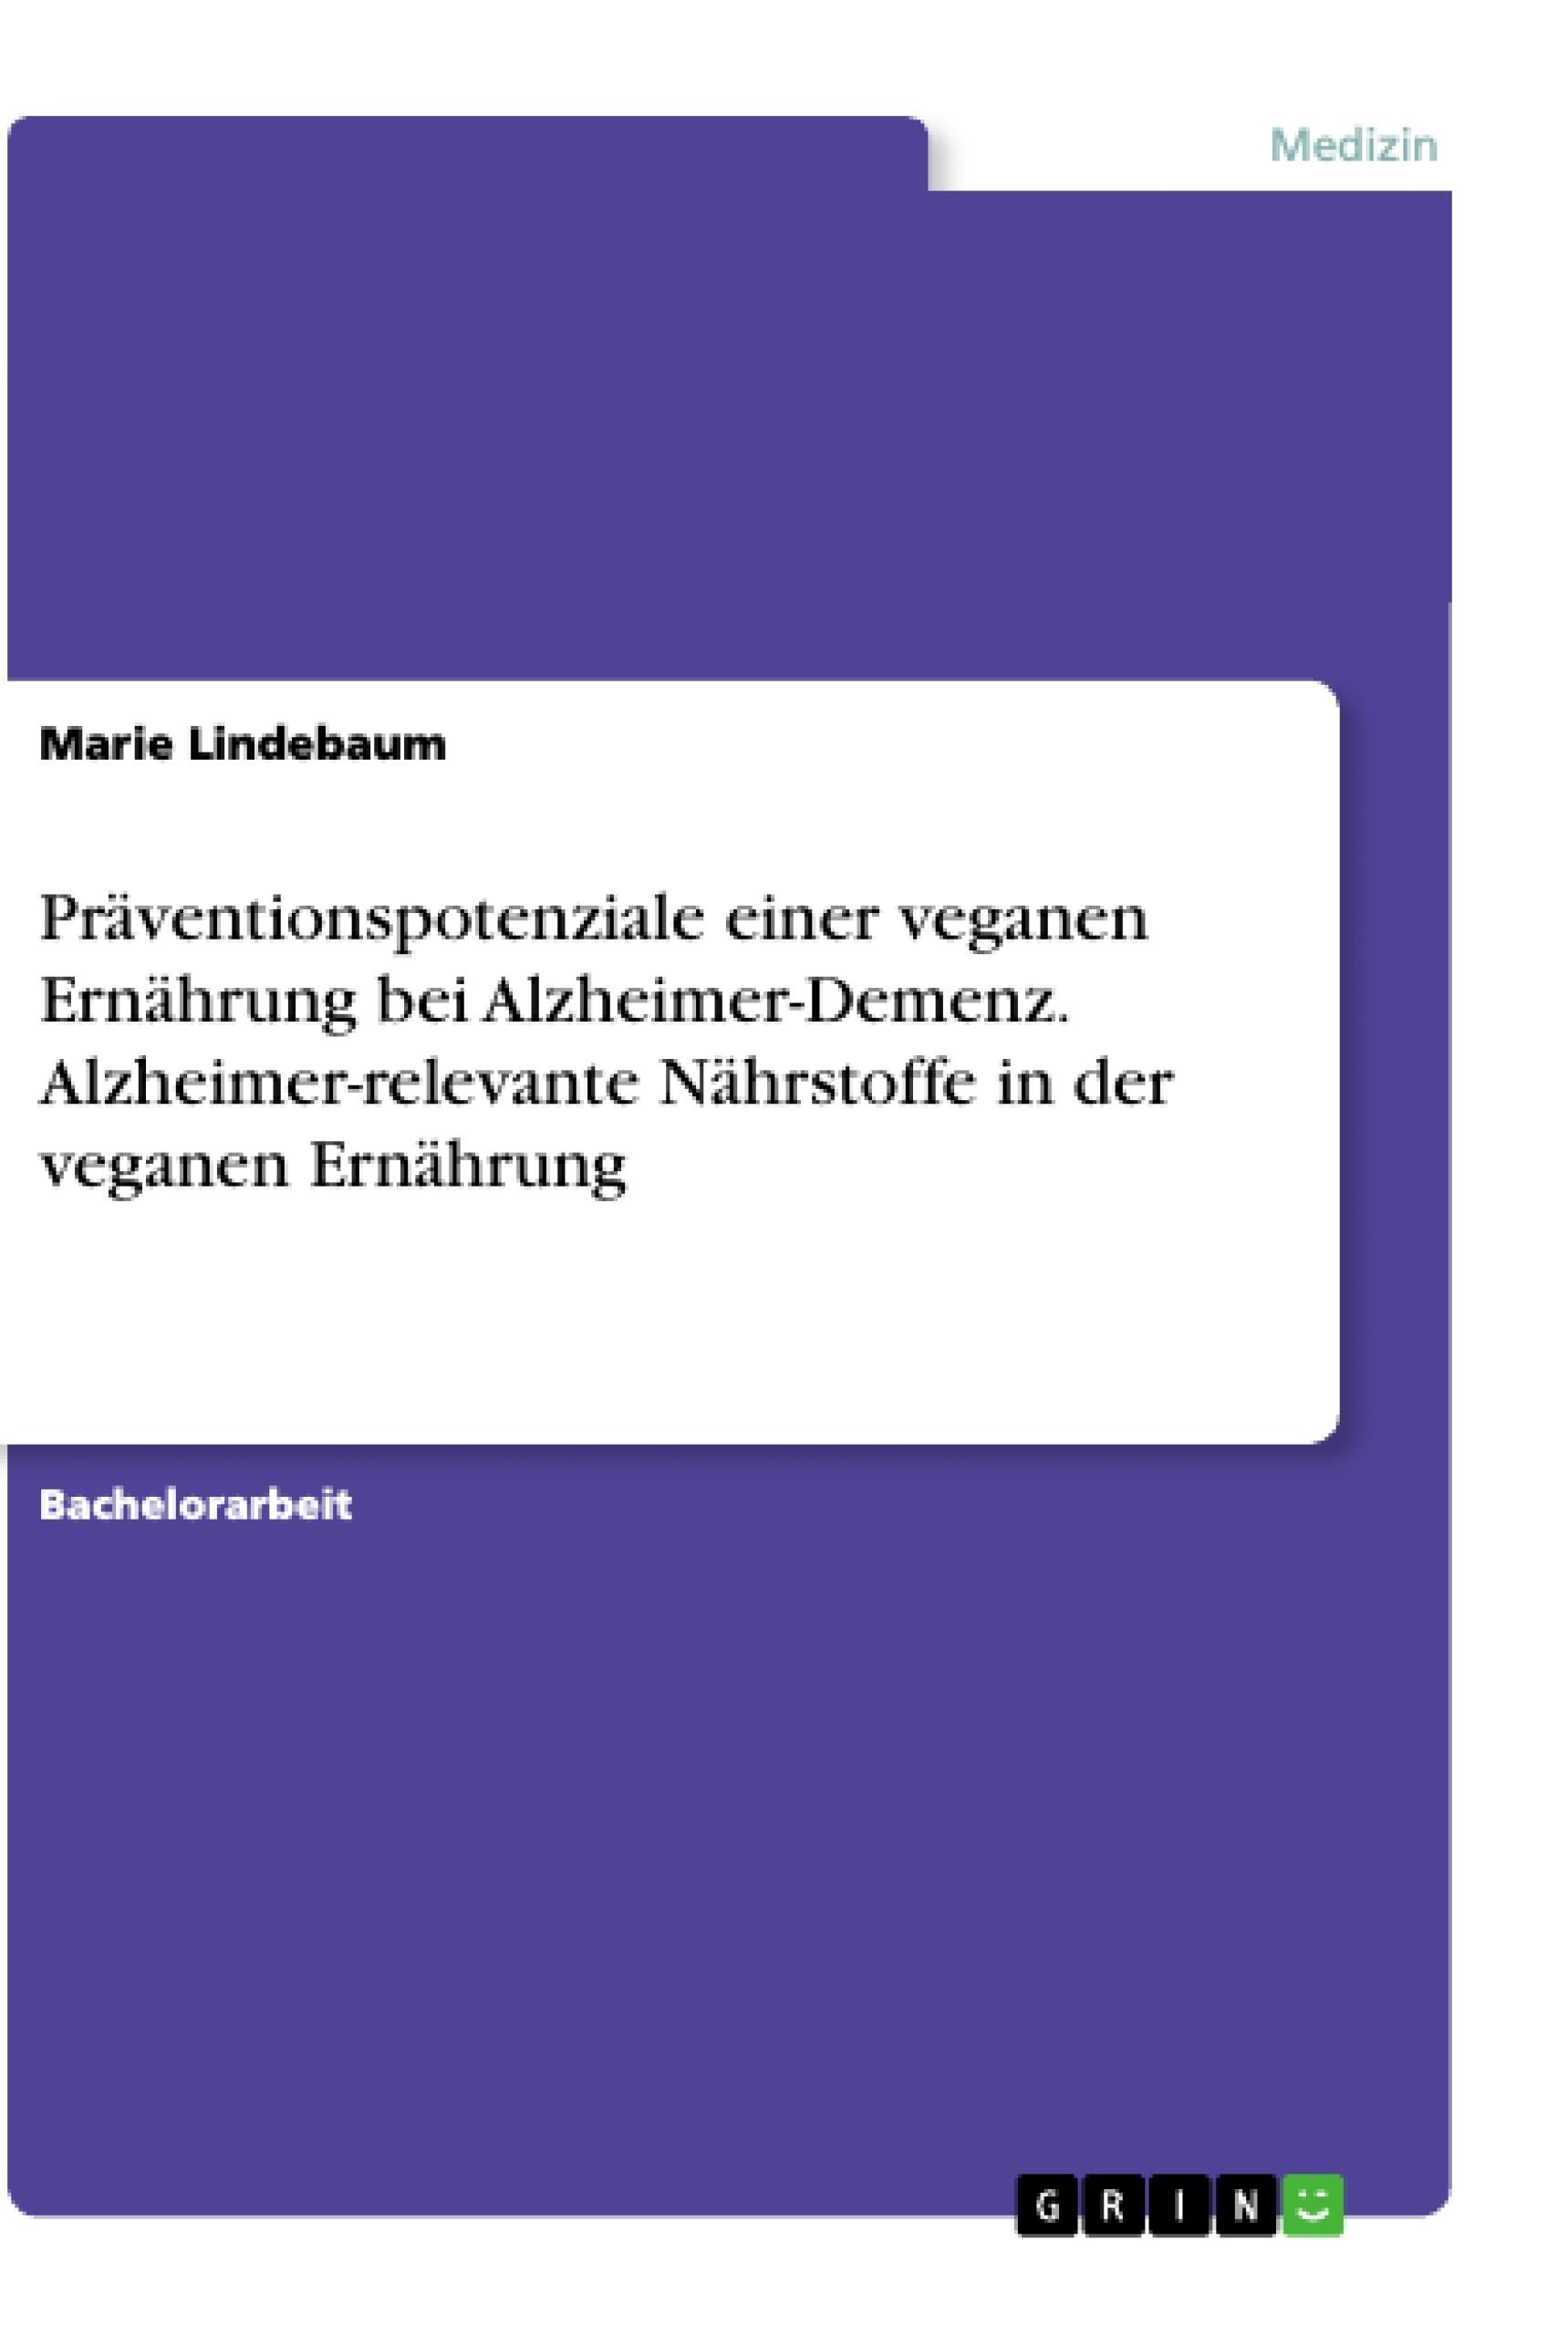 Titel: Präventionspotenziale einer veganen Ernährung bei Alzheimer-Demenz. Alzheimer-relevante Nährstoffe in der veganen Ernährung